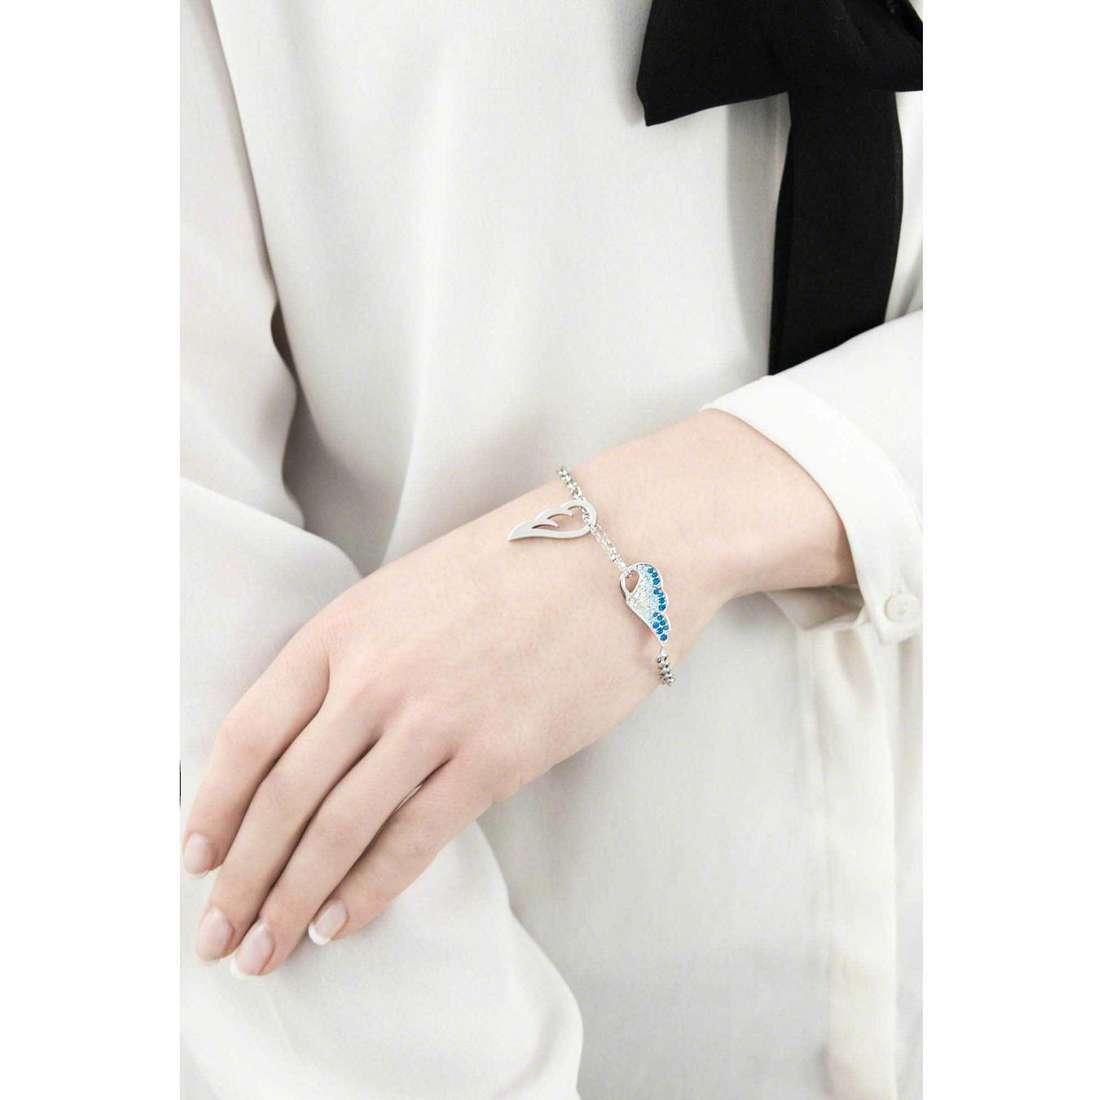 Morellato bracciali Love donna SADR04 indosso